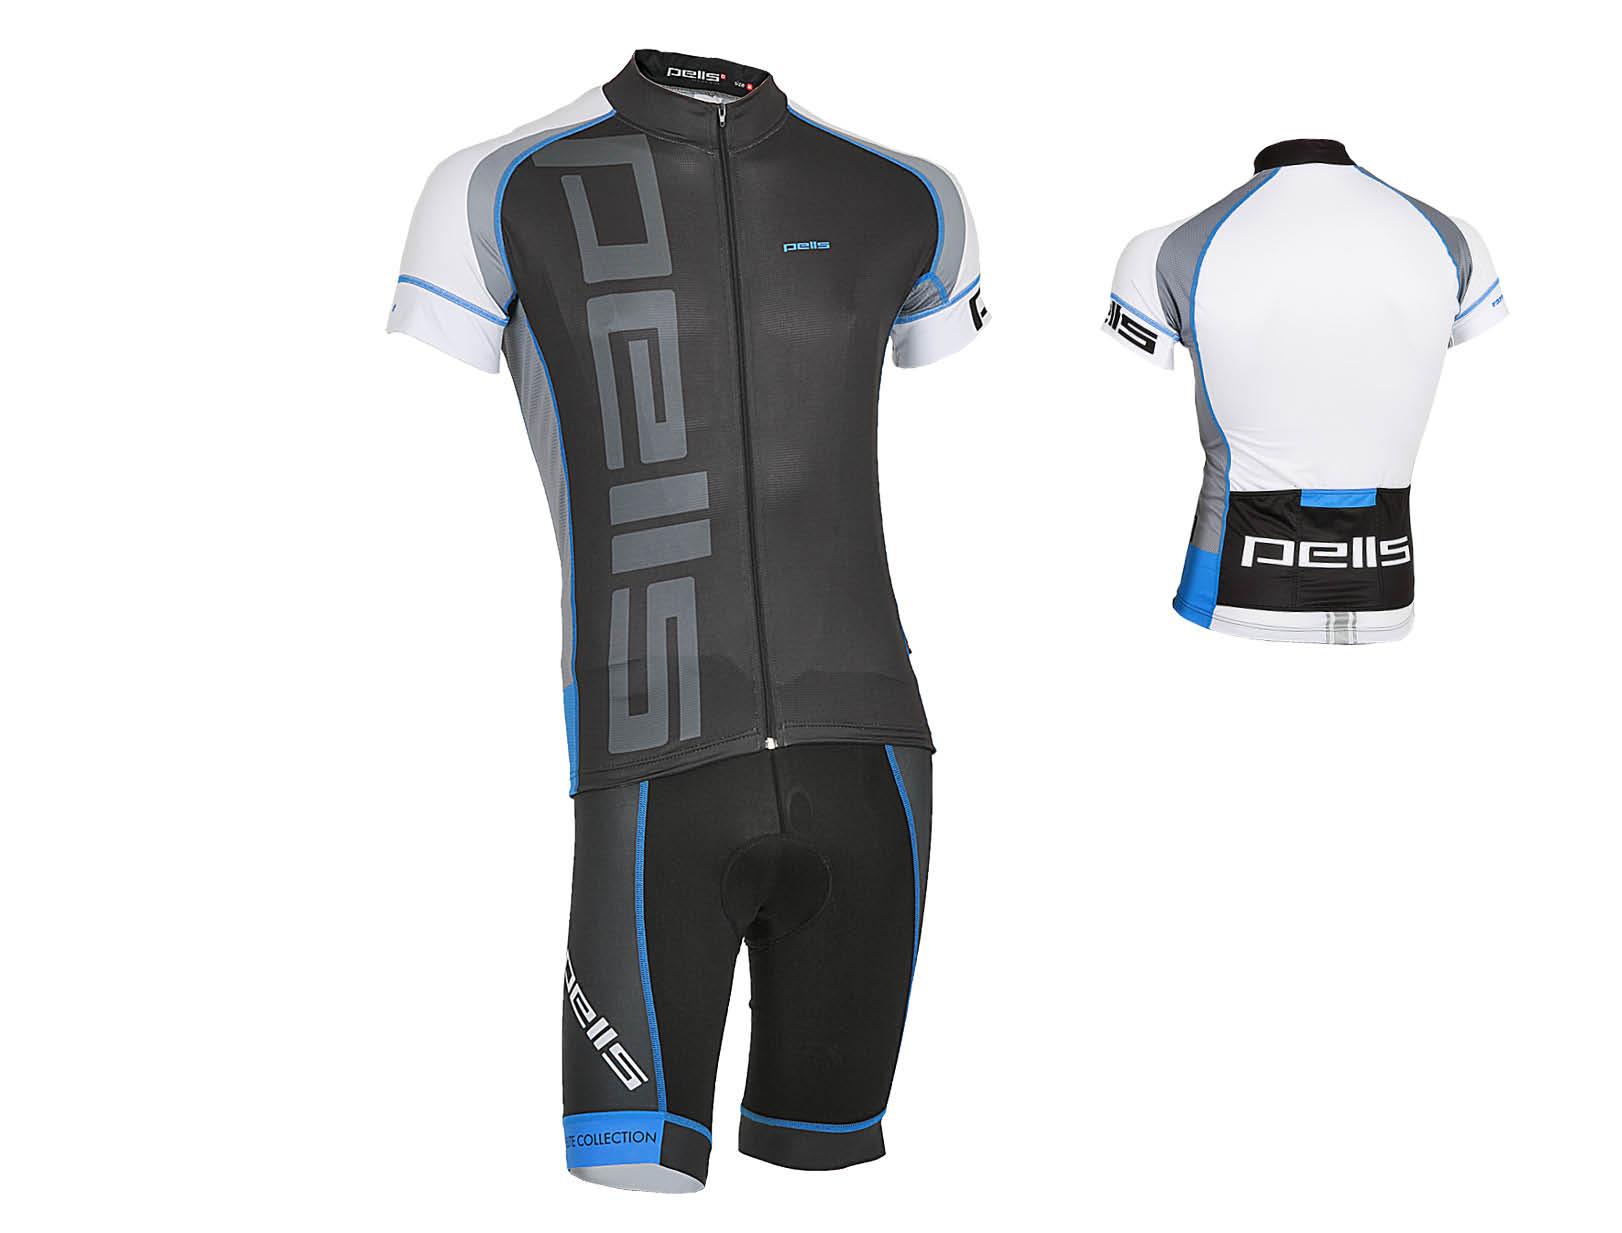 Pánský dres PELL'S RAZZER, vel. XXL, modrá, krátký rukáv (Pánský cyklistický dres PELL'S, vel. XXL, krátký rukáv, barva modrá dle vyobrazení!)